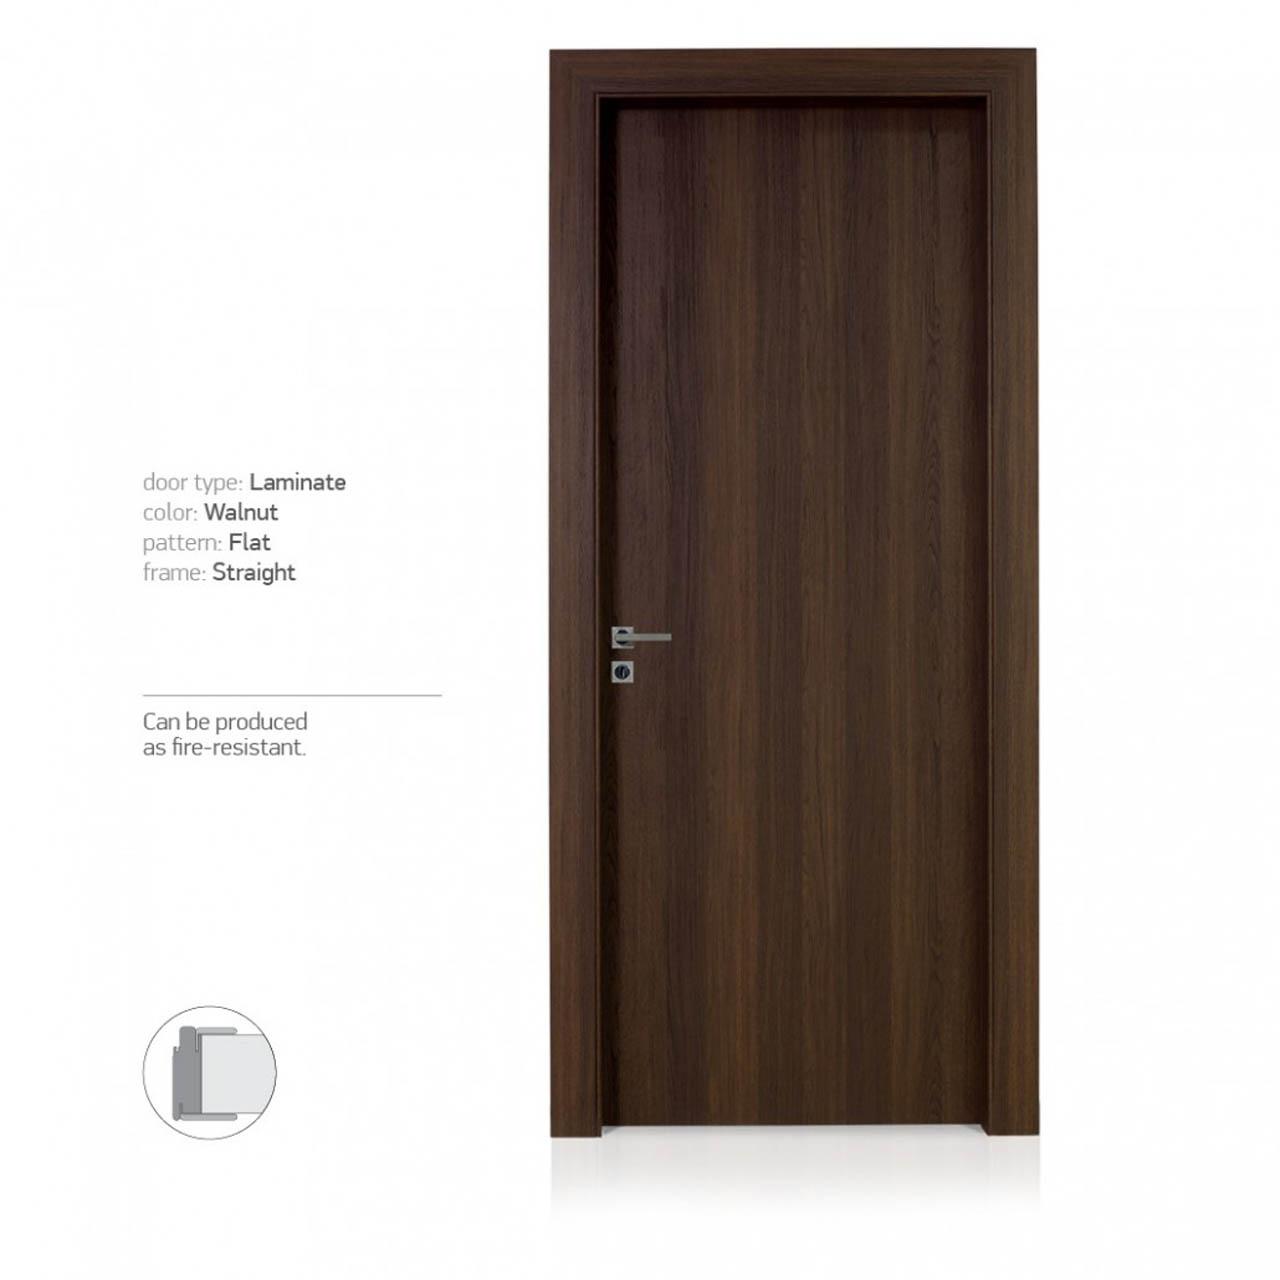 portes-site-laminate-eng4-1030x1030